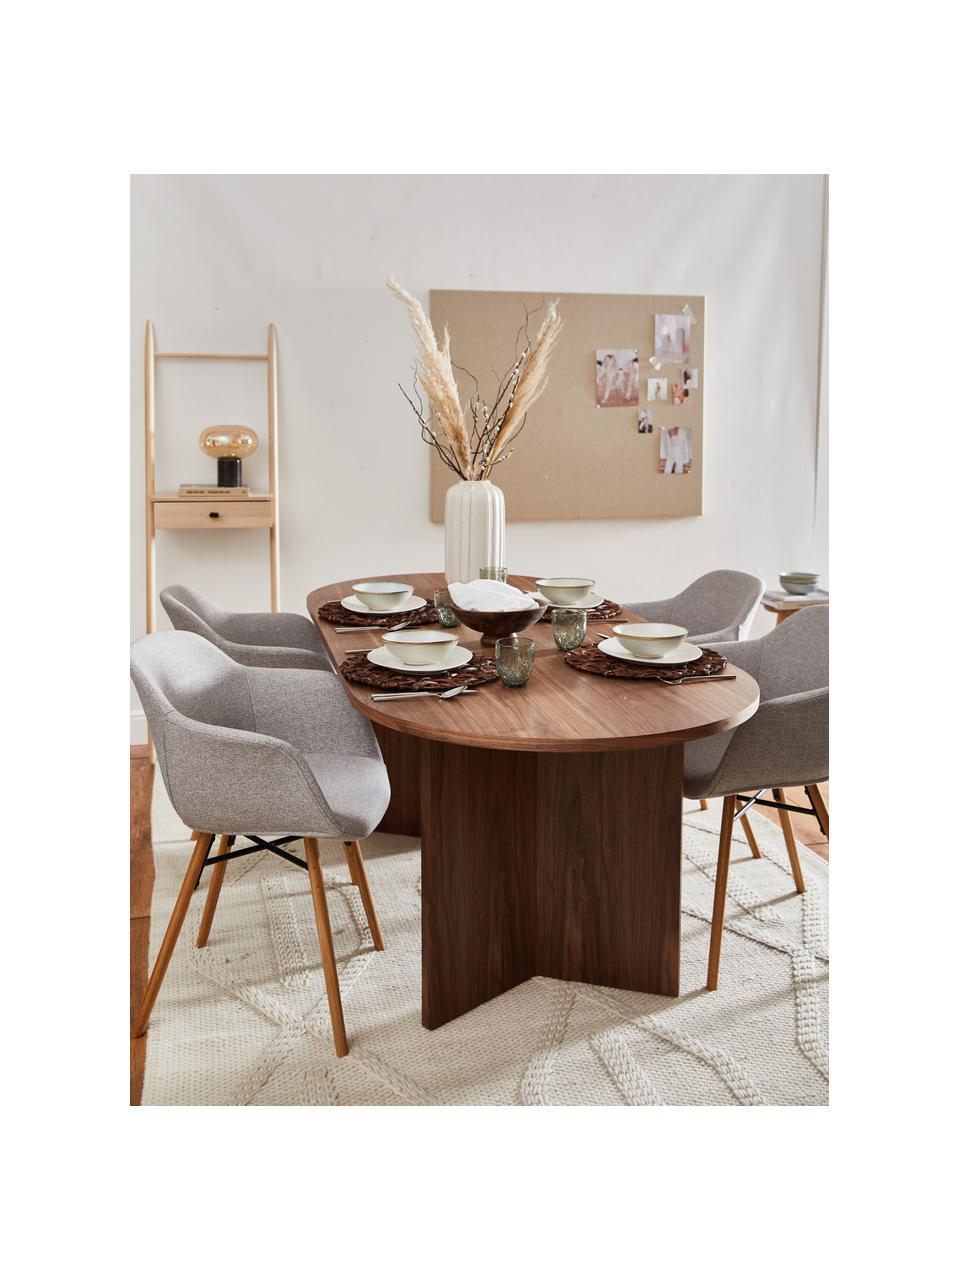 Table ovale plaqué noyer Joni, 200 x 90 cm, Placage de noyer